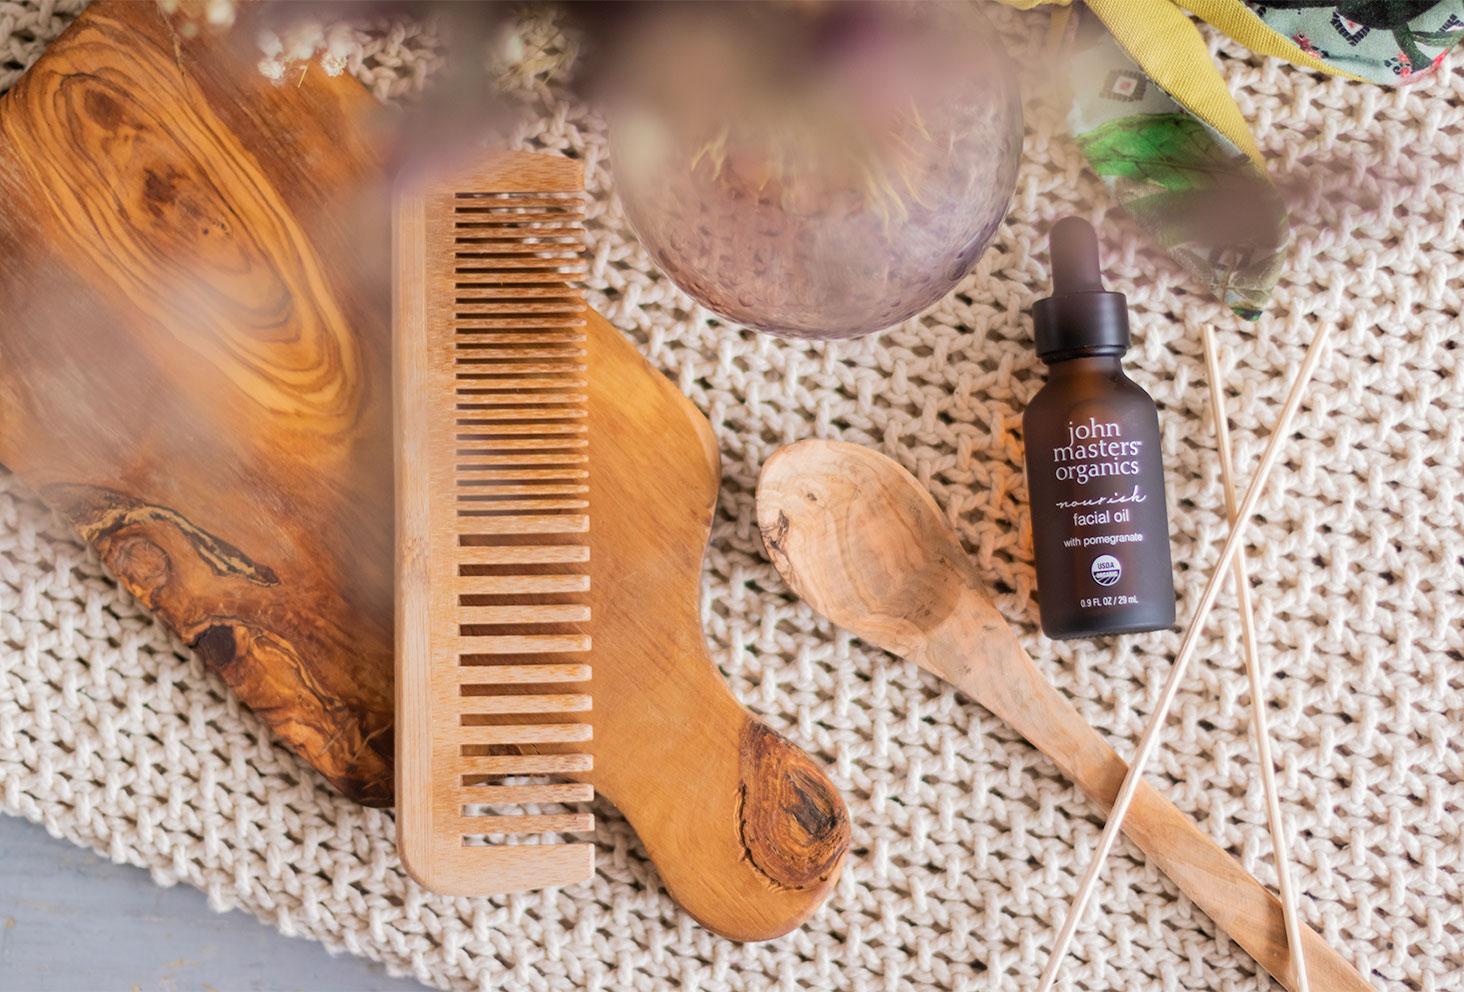 L'huile nourrissante visage de John Masters Organics de haut, allongée sur un plaid en grosses mailles beiges, à côté d'éléments de décor en bois